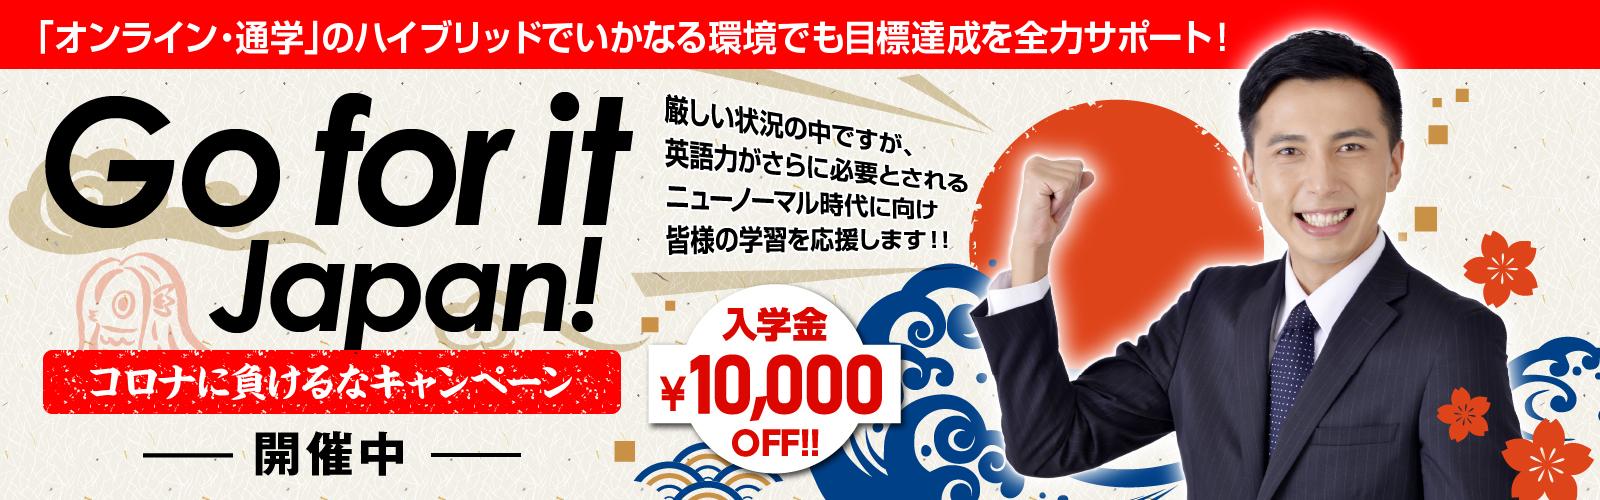 2021 Go for it Japan! コロナに負けるなキャンペーン